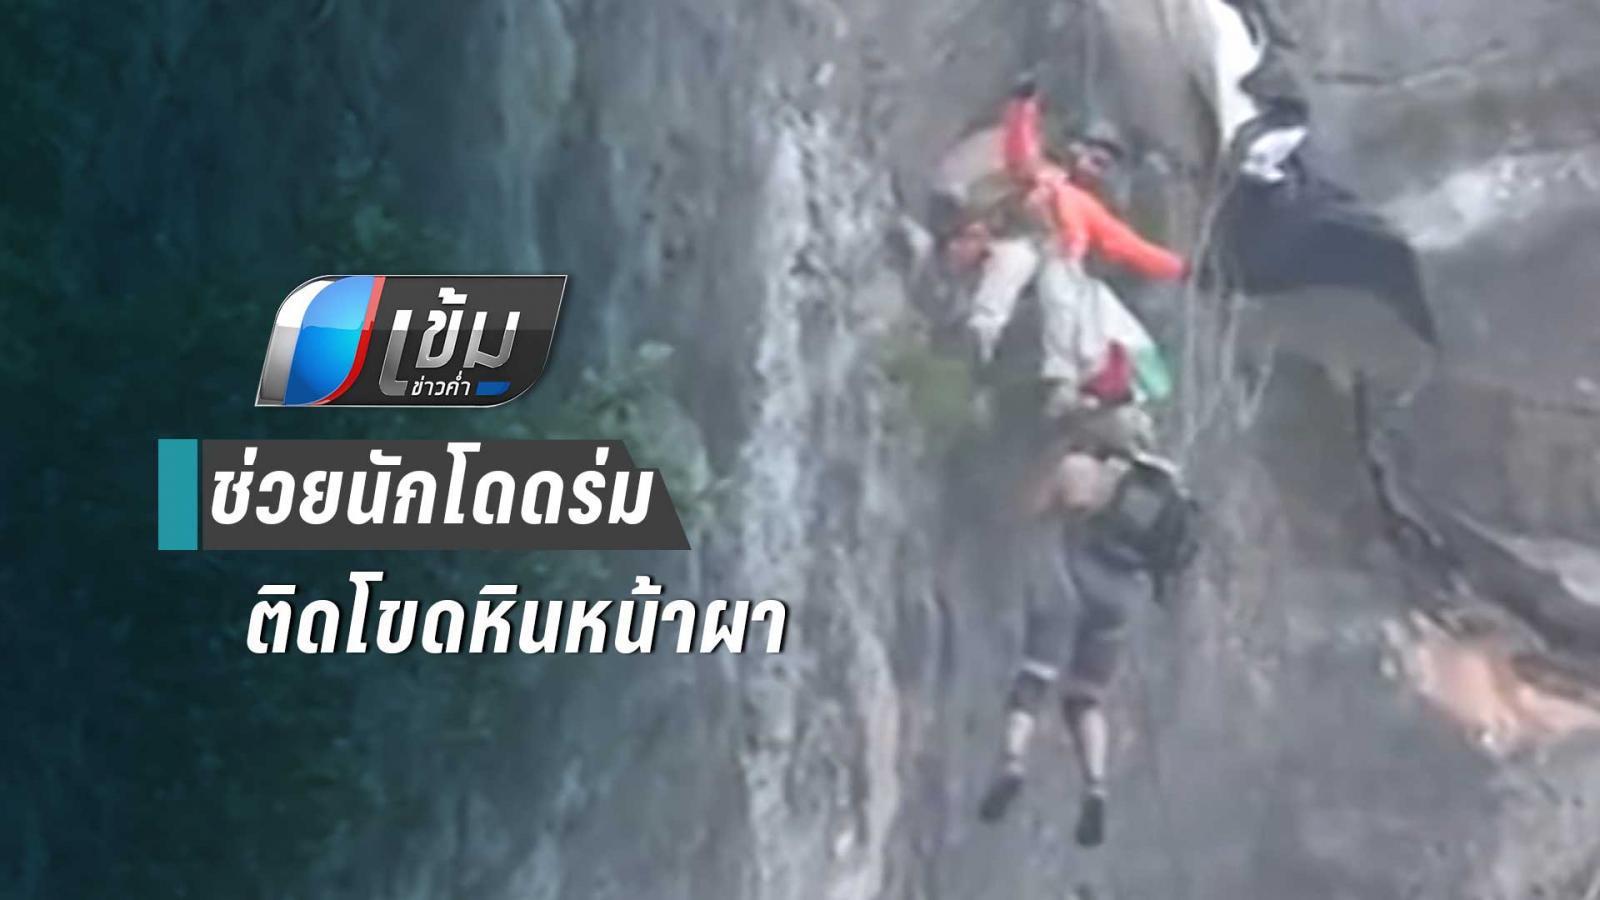 นักปีนเขาอาสาเข้าช่วย นทท.ชาวออสเตรียโดดร่มติดหน้าผา ล่าสุดปลอดภัยแล้ว